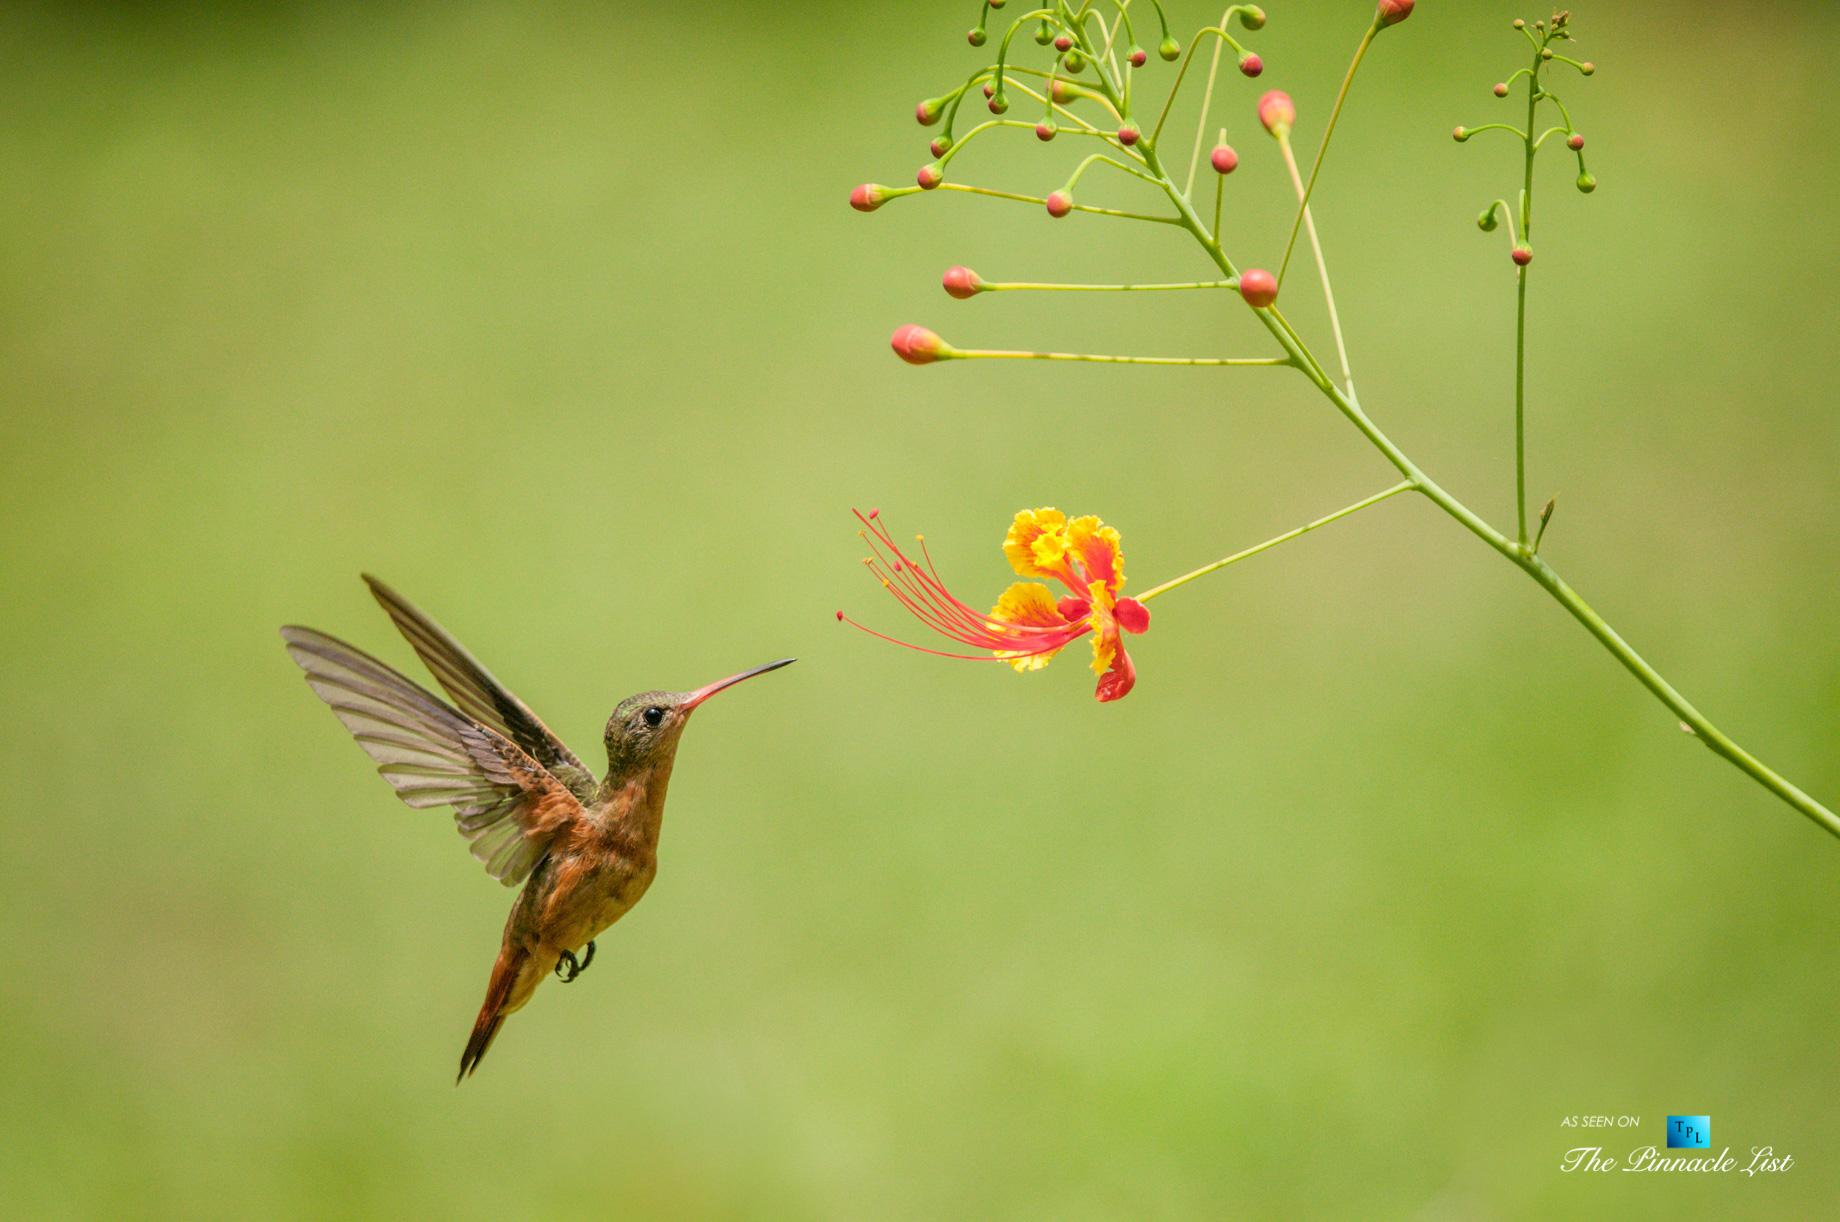 Tambor Tropical Beach Resort – Tambor, Puntarenas, Costa Rica – Tropical Hummingbird